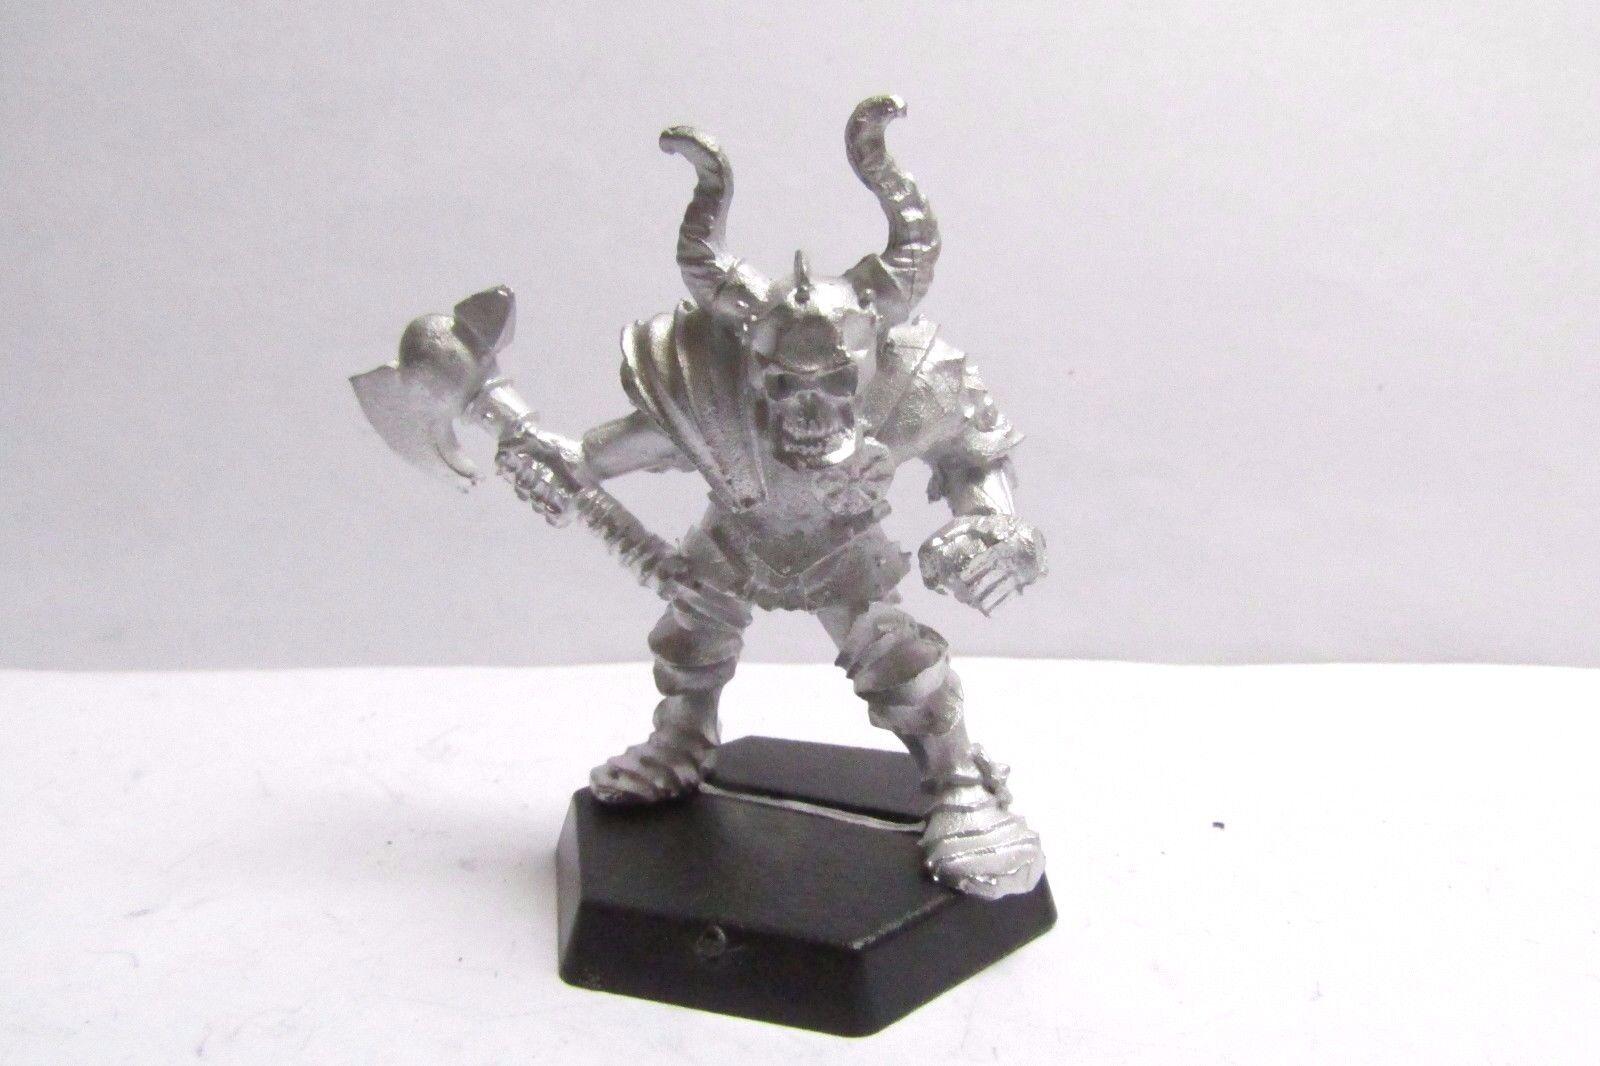 CITTADELLA OOP/WARHAMMER/Marauder non rilasciato CH1 Chaos Warrior Skull Face